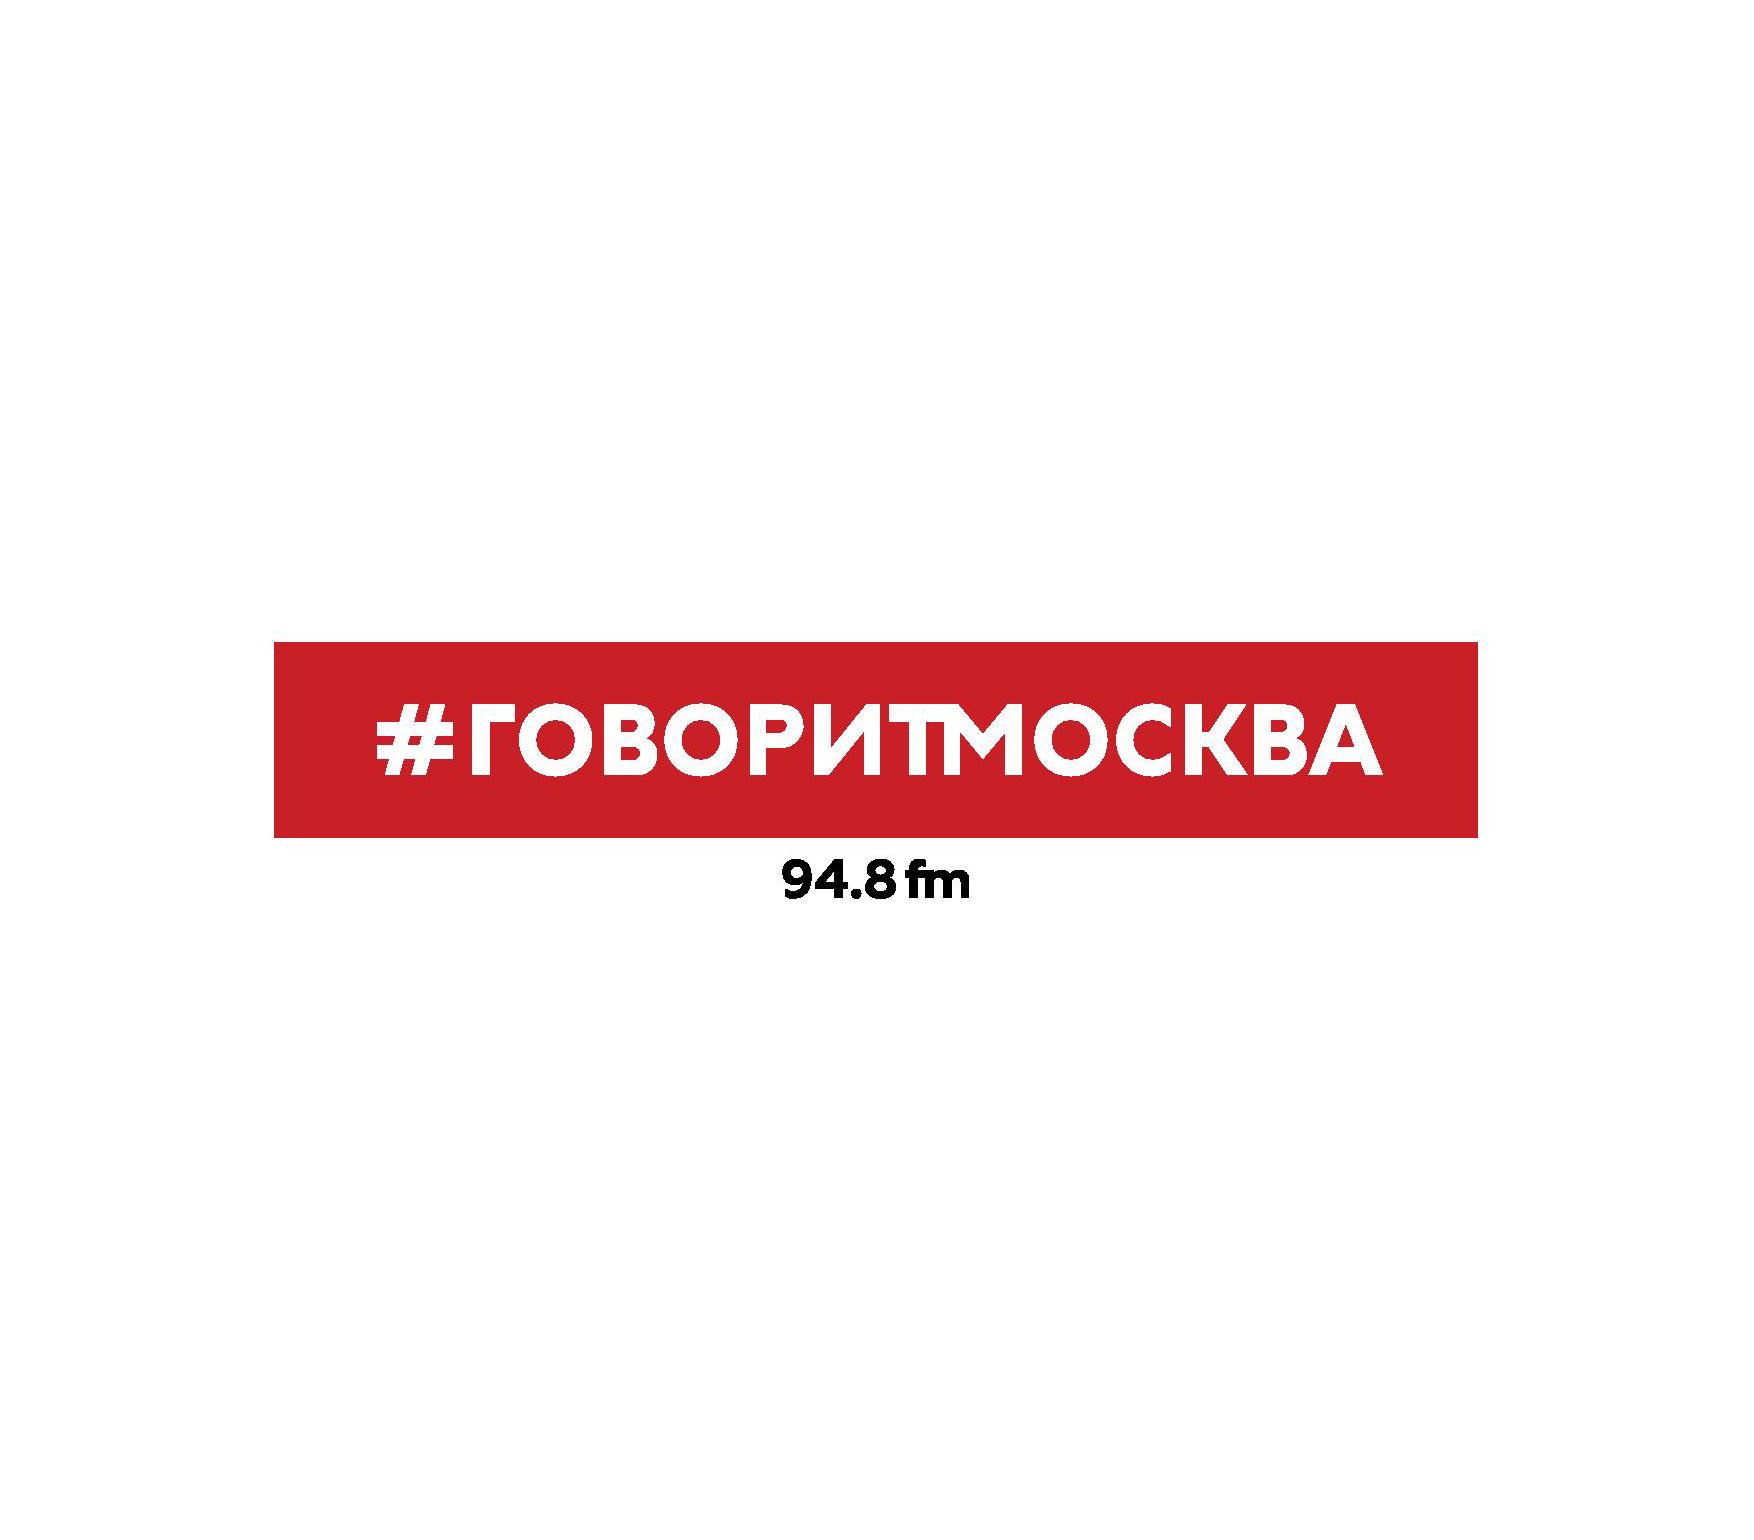 Макс Челноков 23 марта. Авигдор Эскин